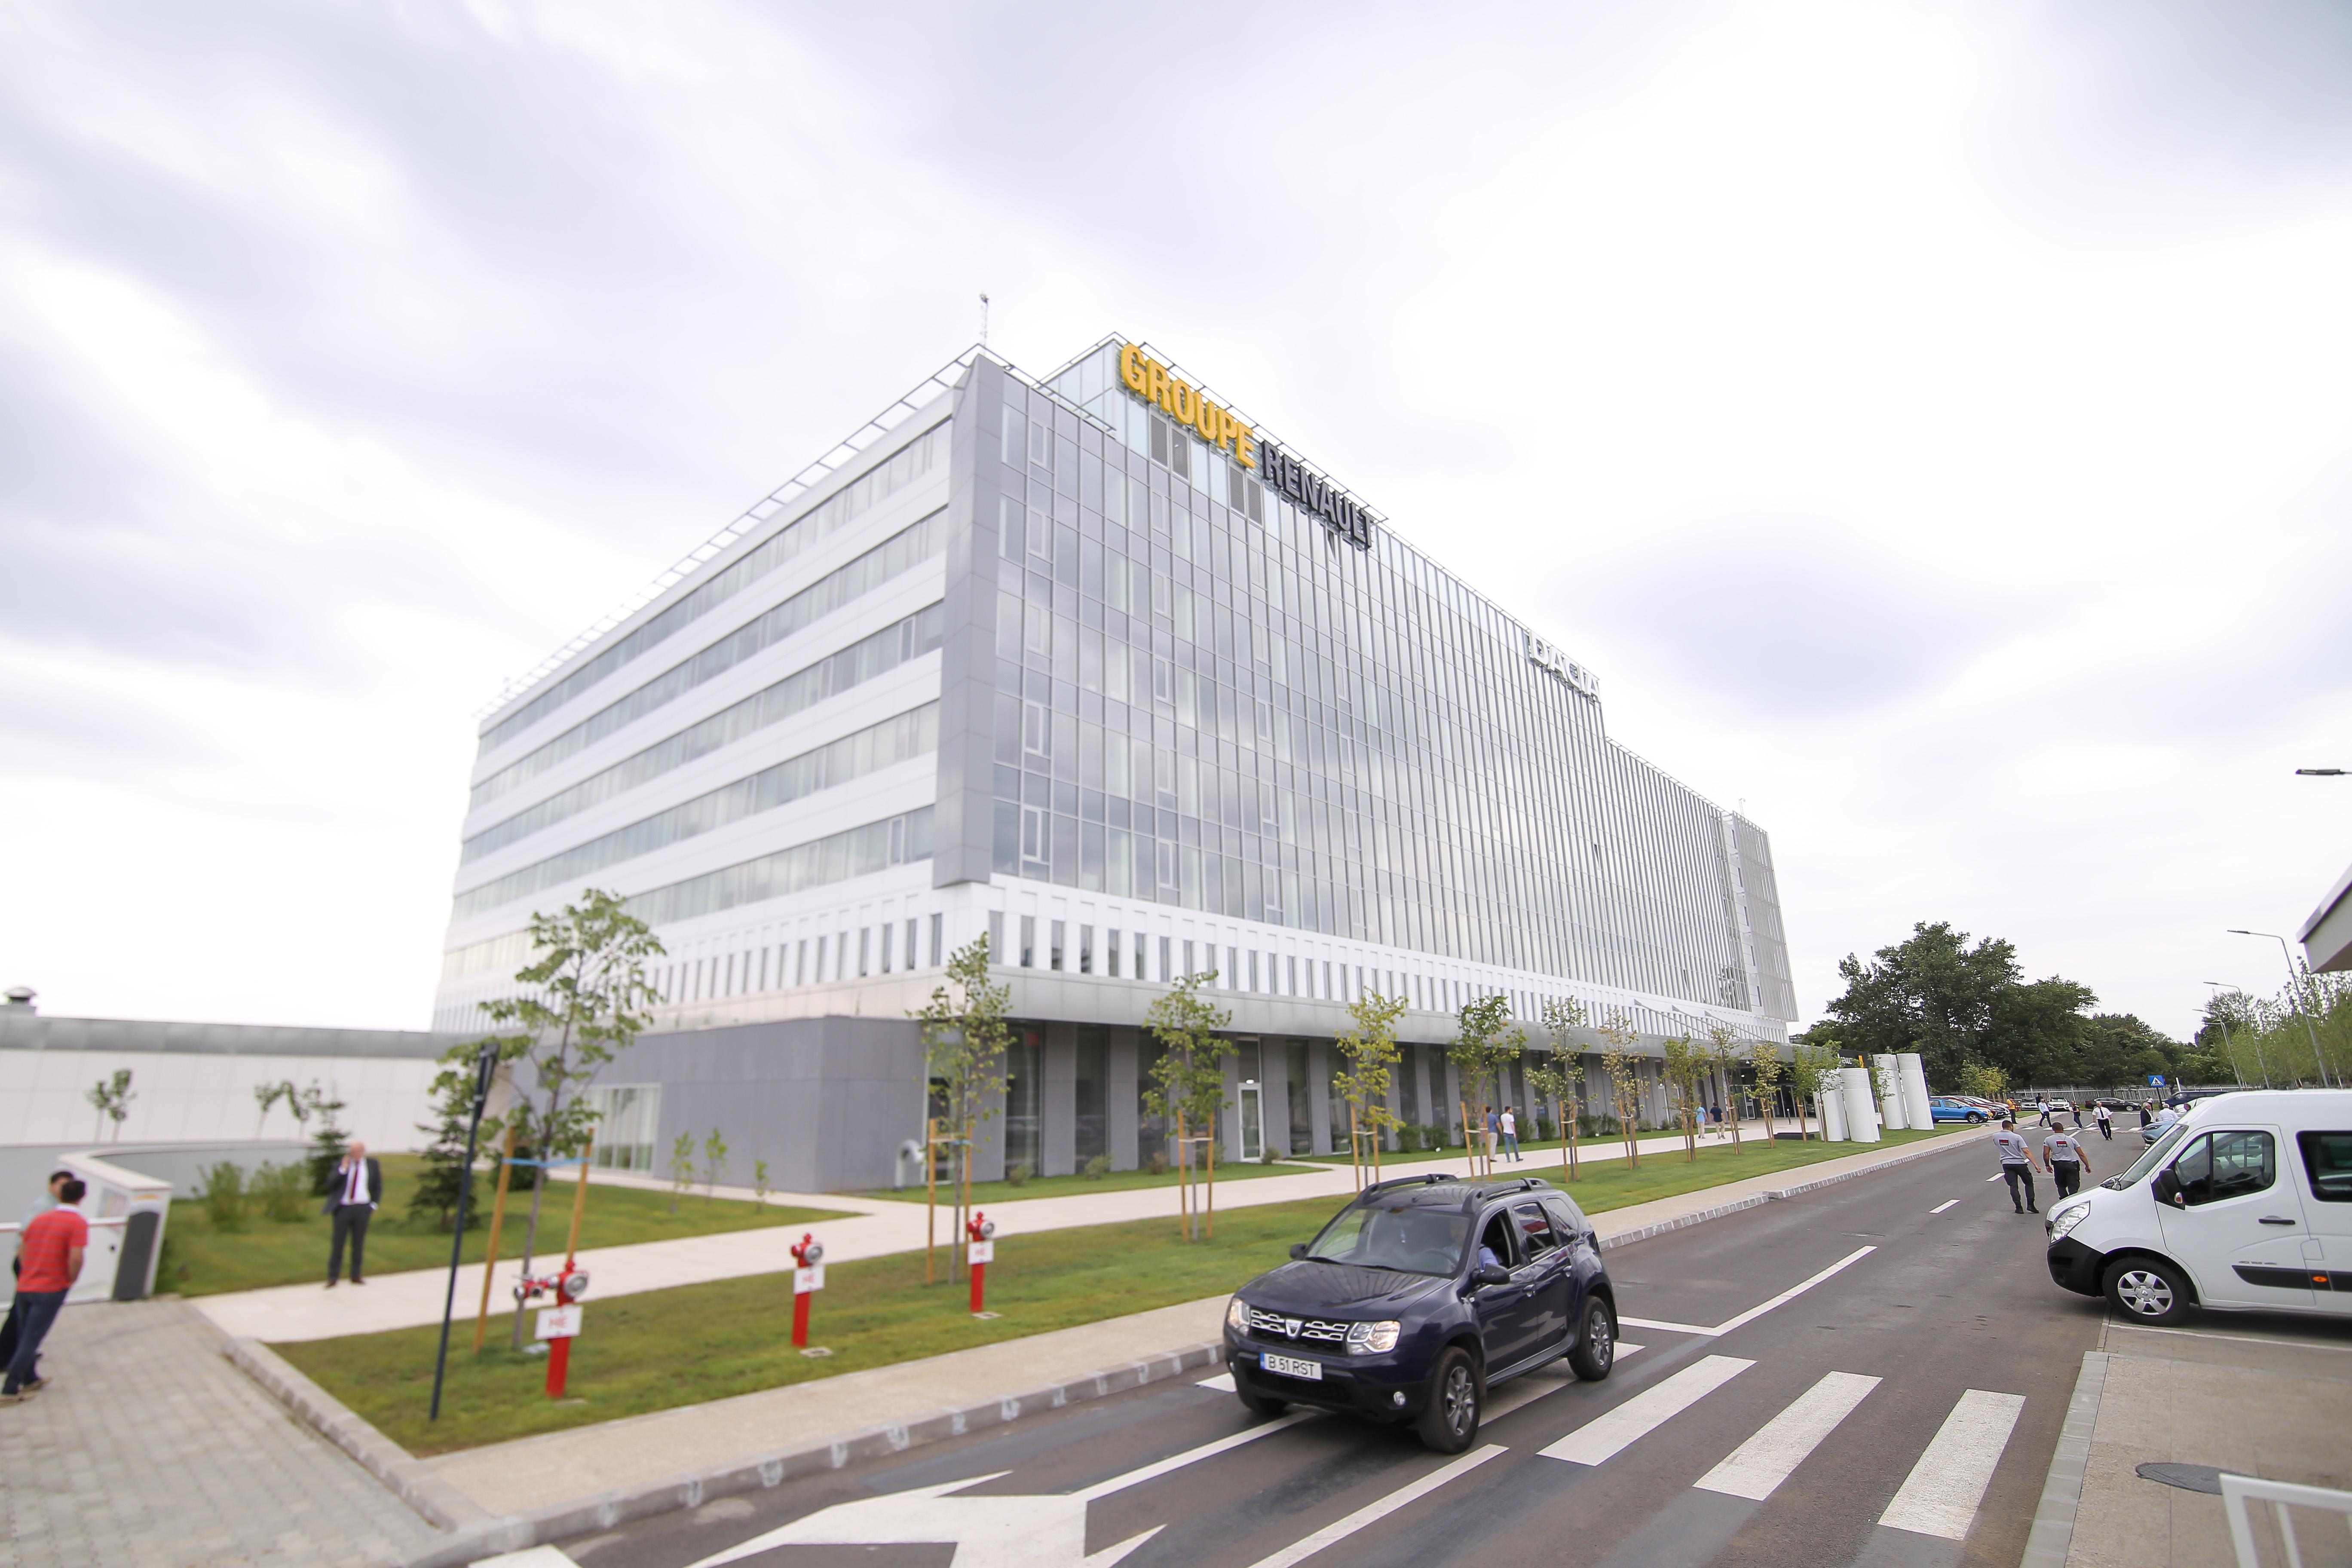 Dacia anunță că toate modelele sale noi începând din 2022 vor fi